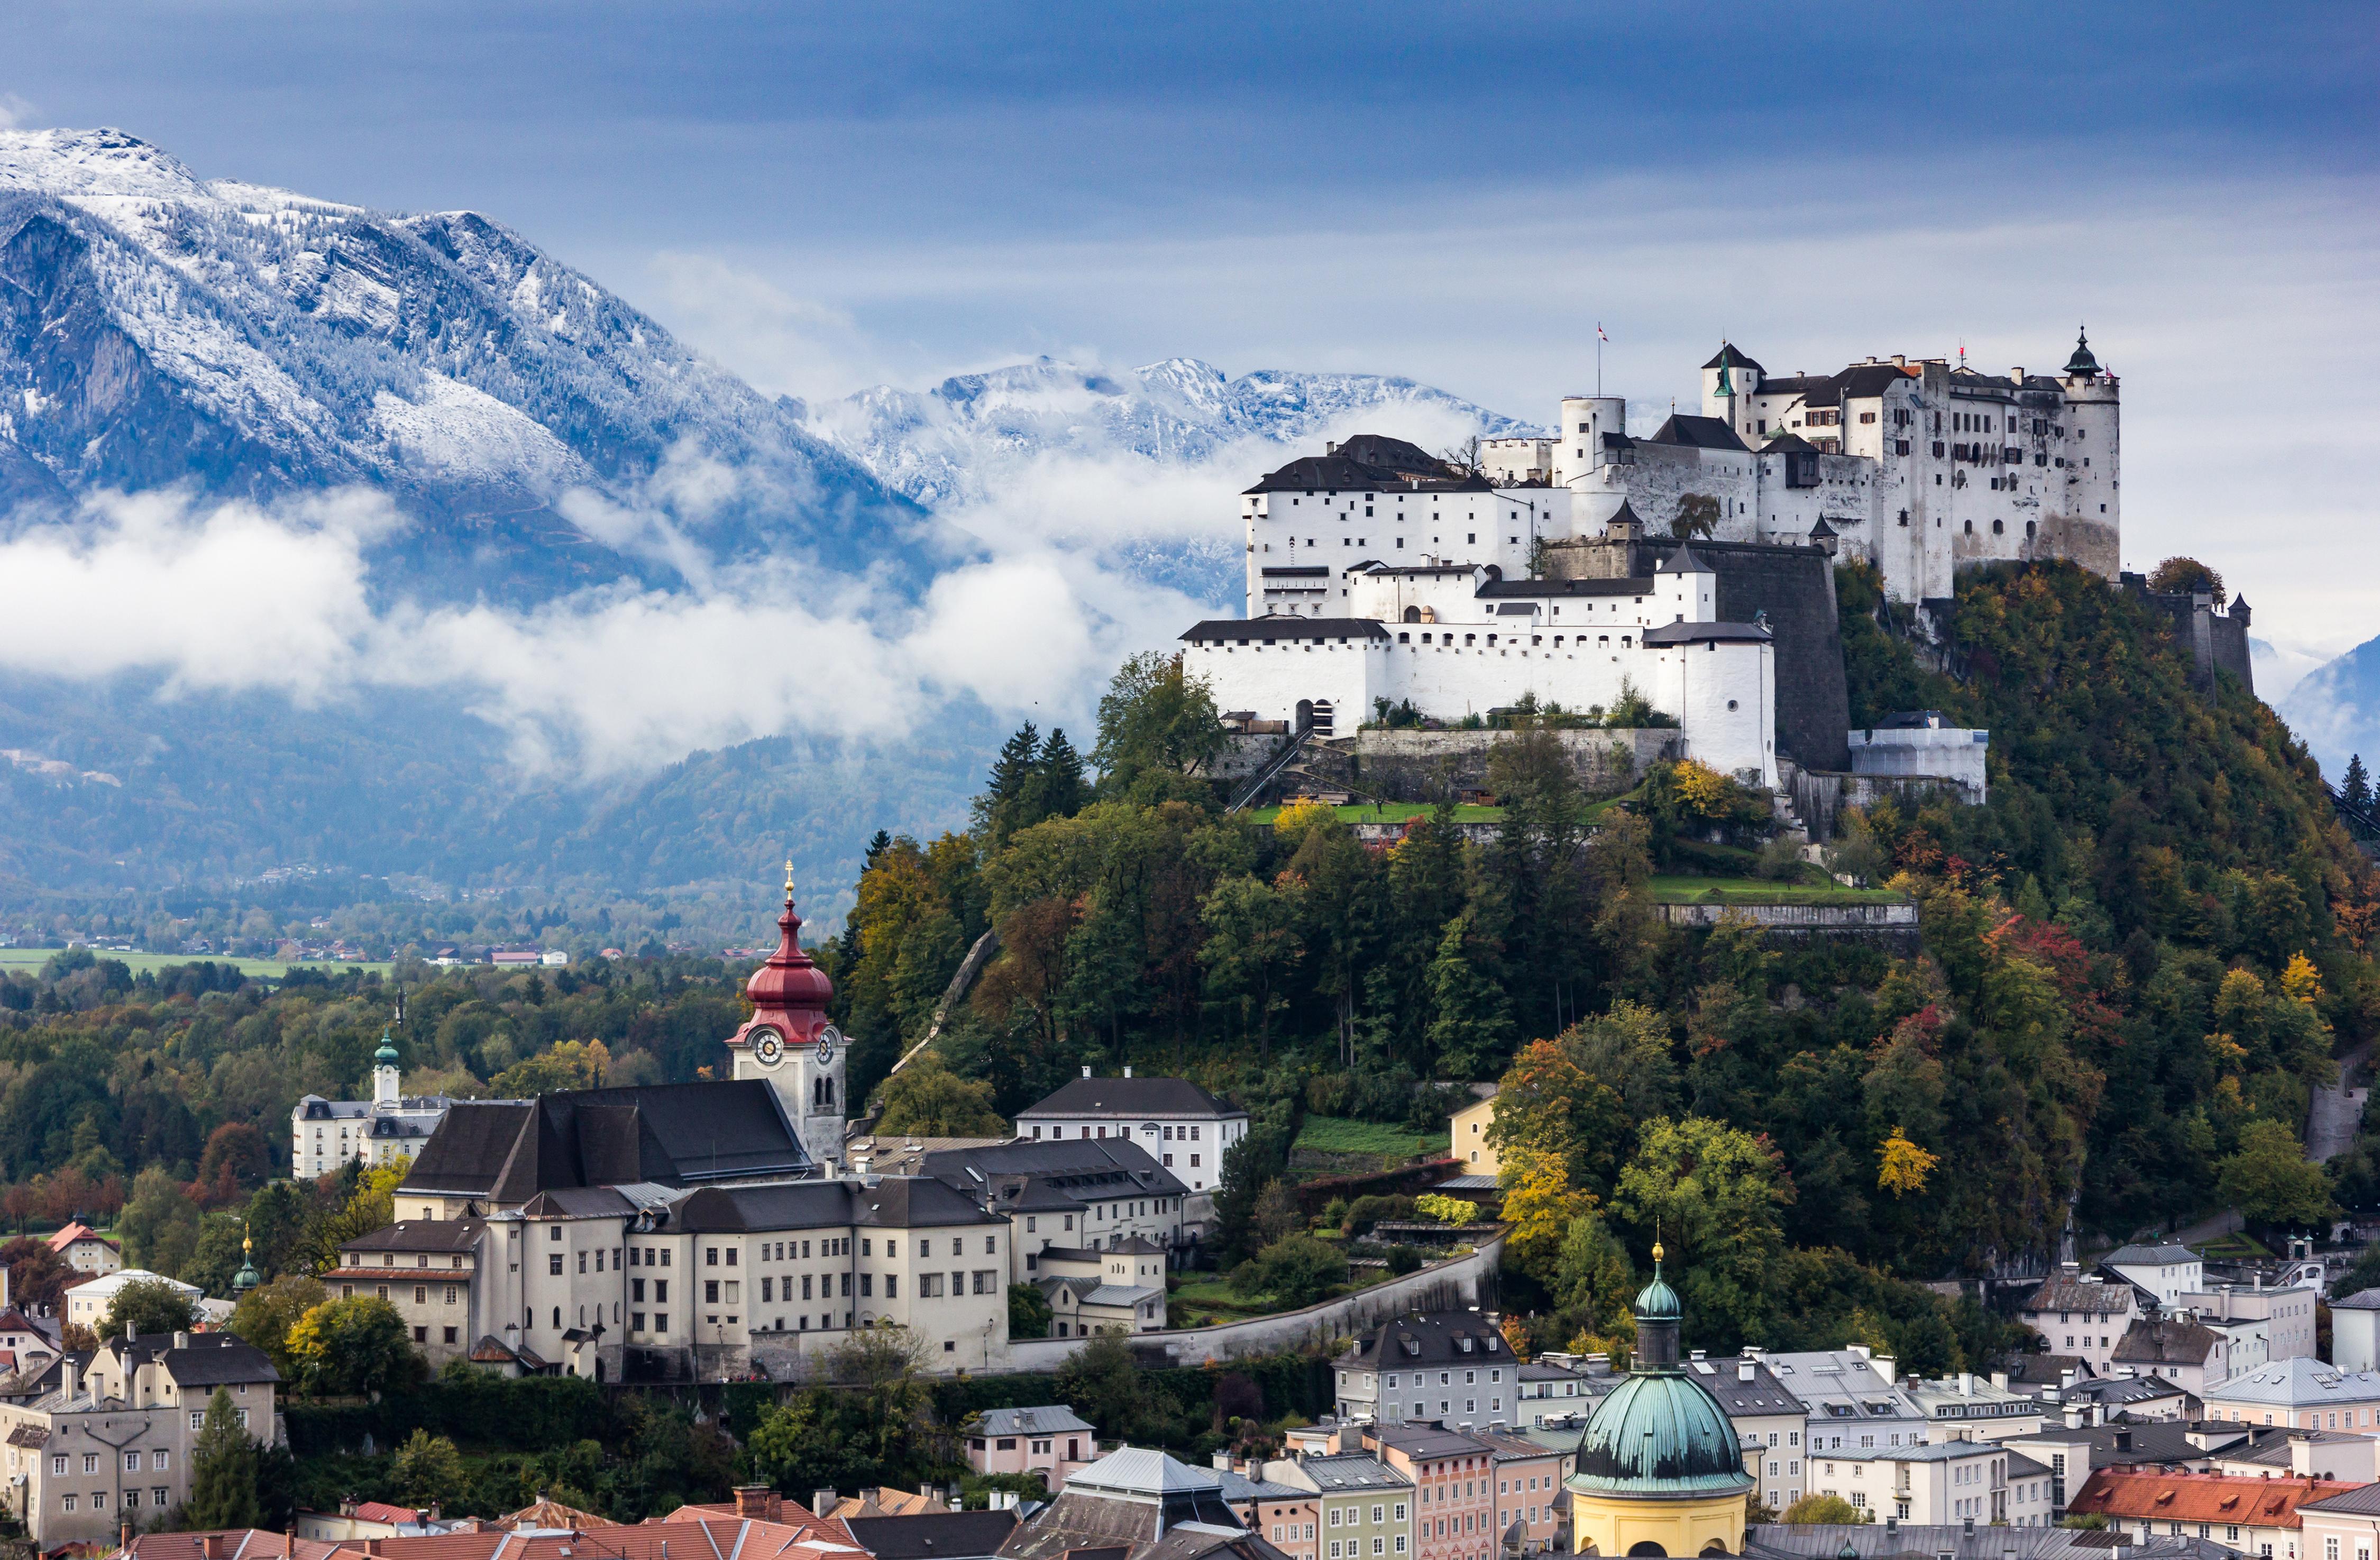 Город Зальцбург в Австрии, куда можно переехать из стран СНГ